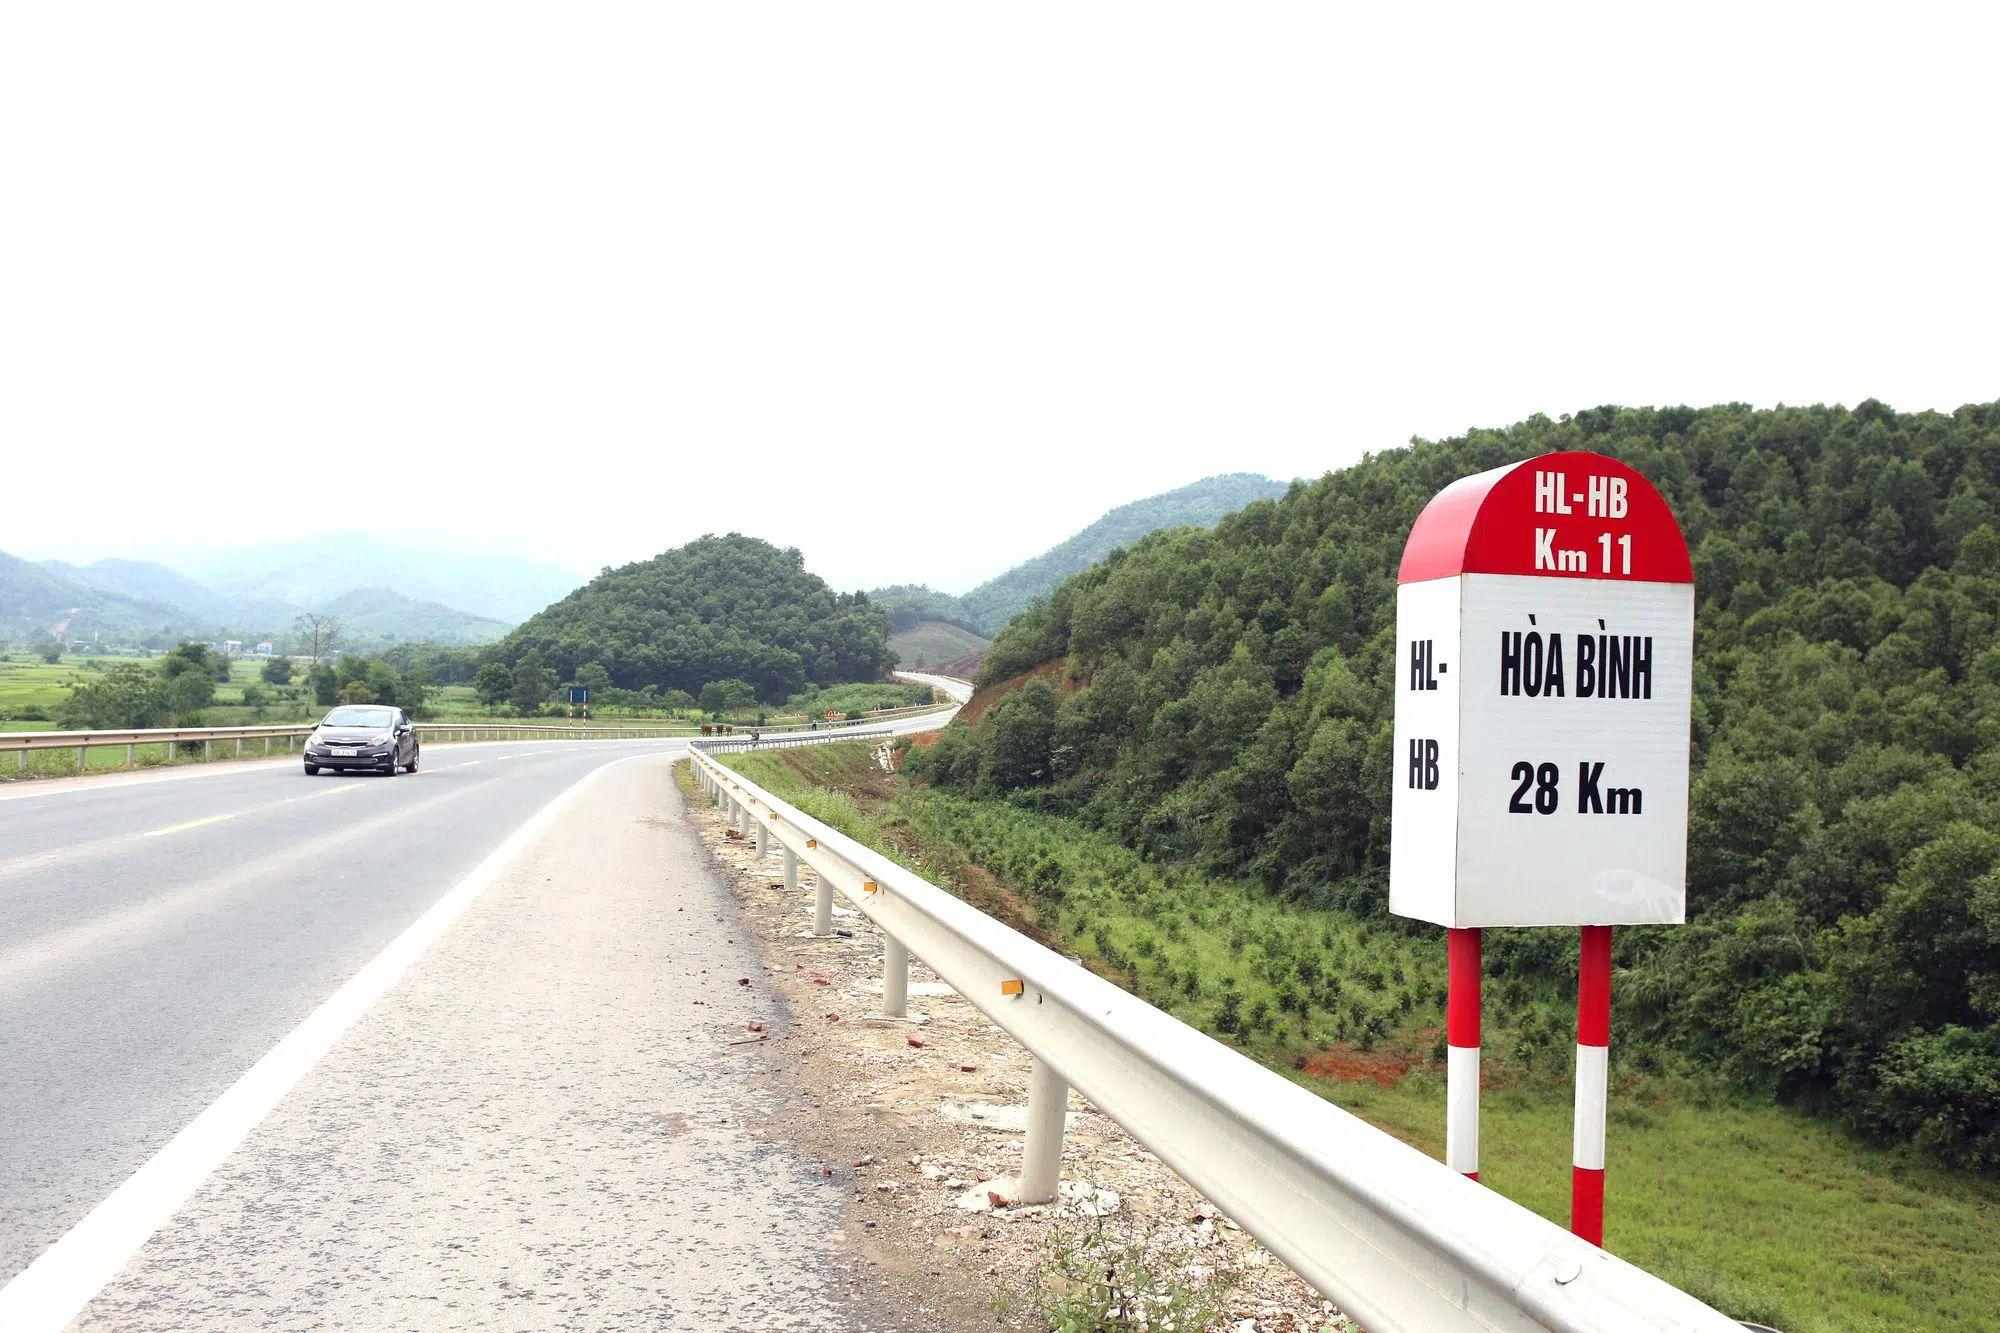 Mở rộng cao tốc Hòa Lạc - Hòa Bình đi kèm đường sắt đô thị - Ảnh 1.